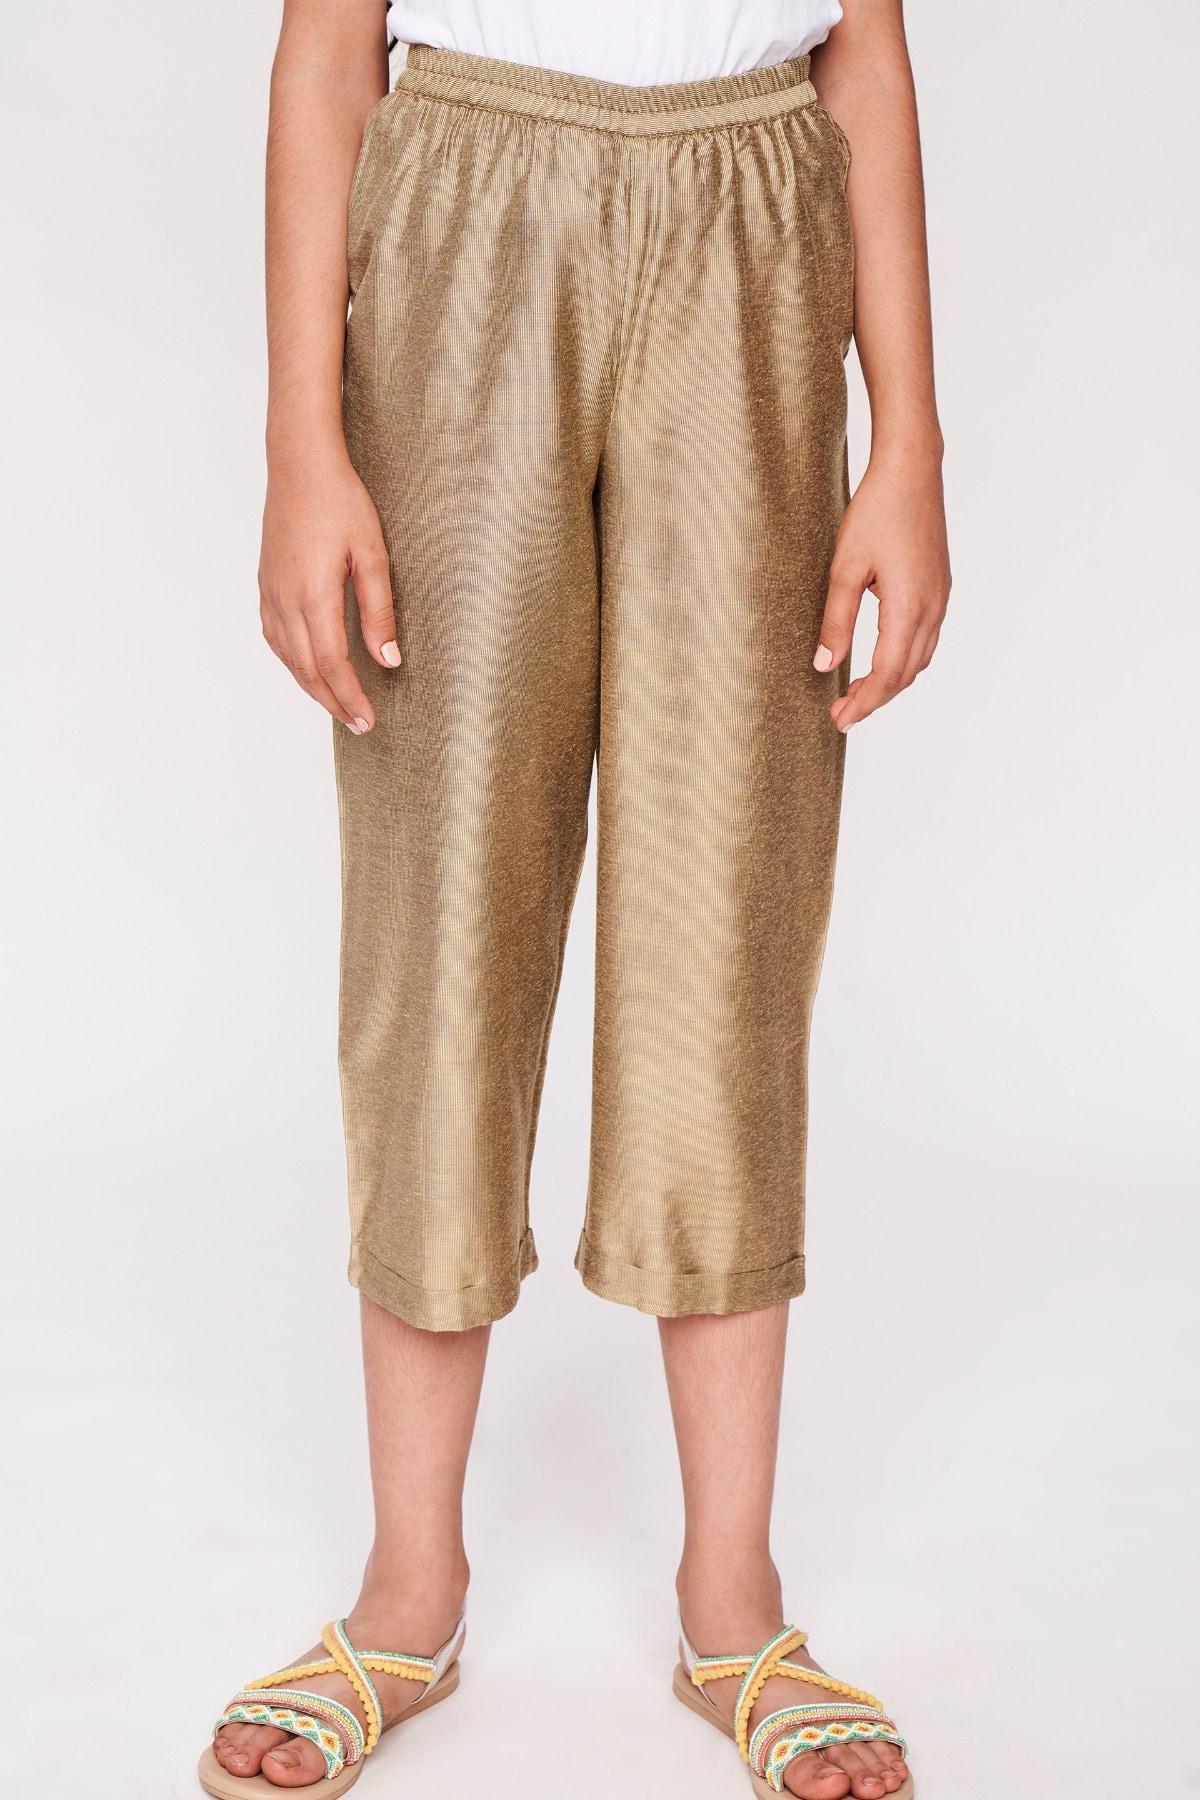 Global Desi | Gold Solid Bottom